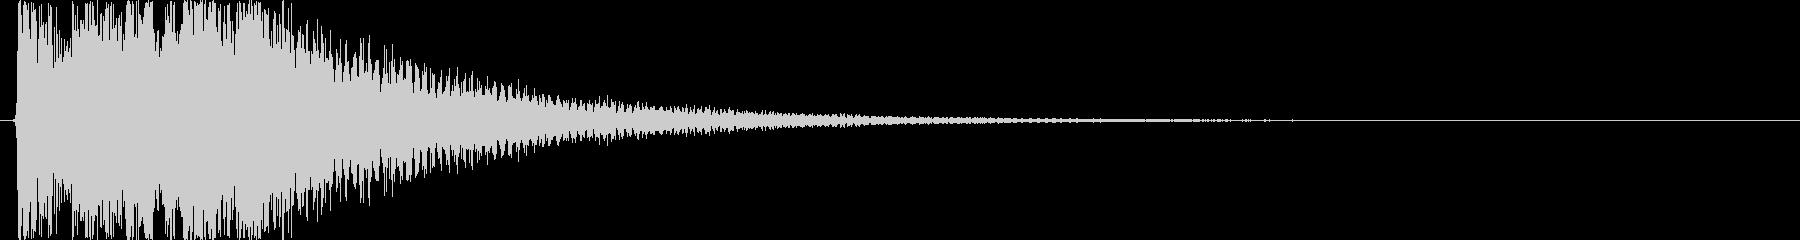 お正月・和風イメージボタン音(上昇)の未再生の波形